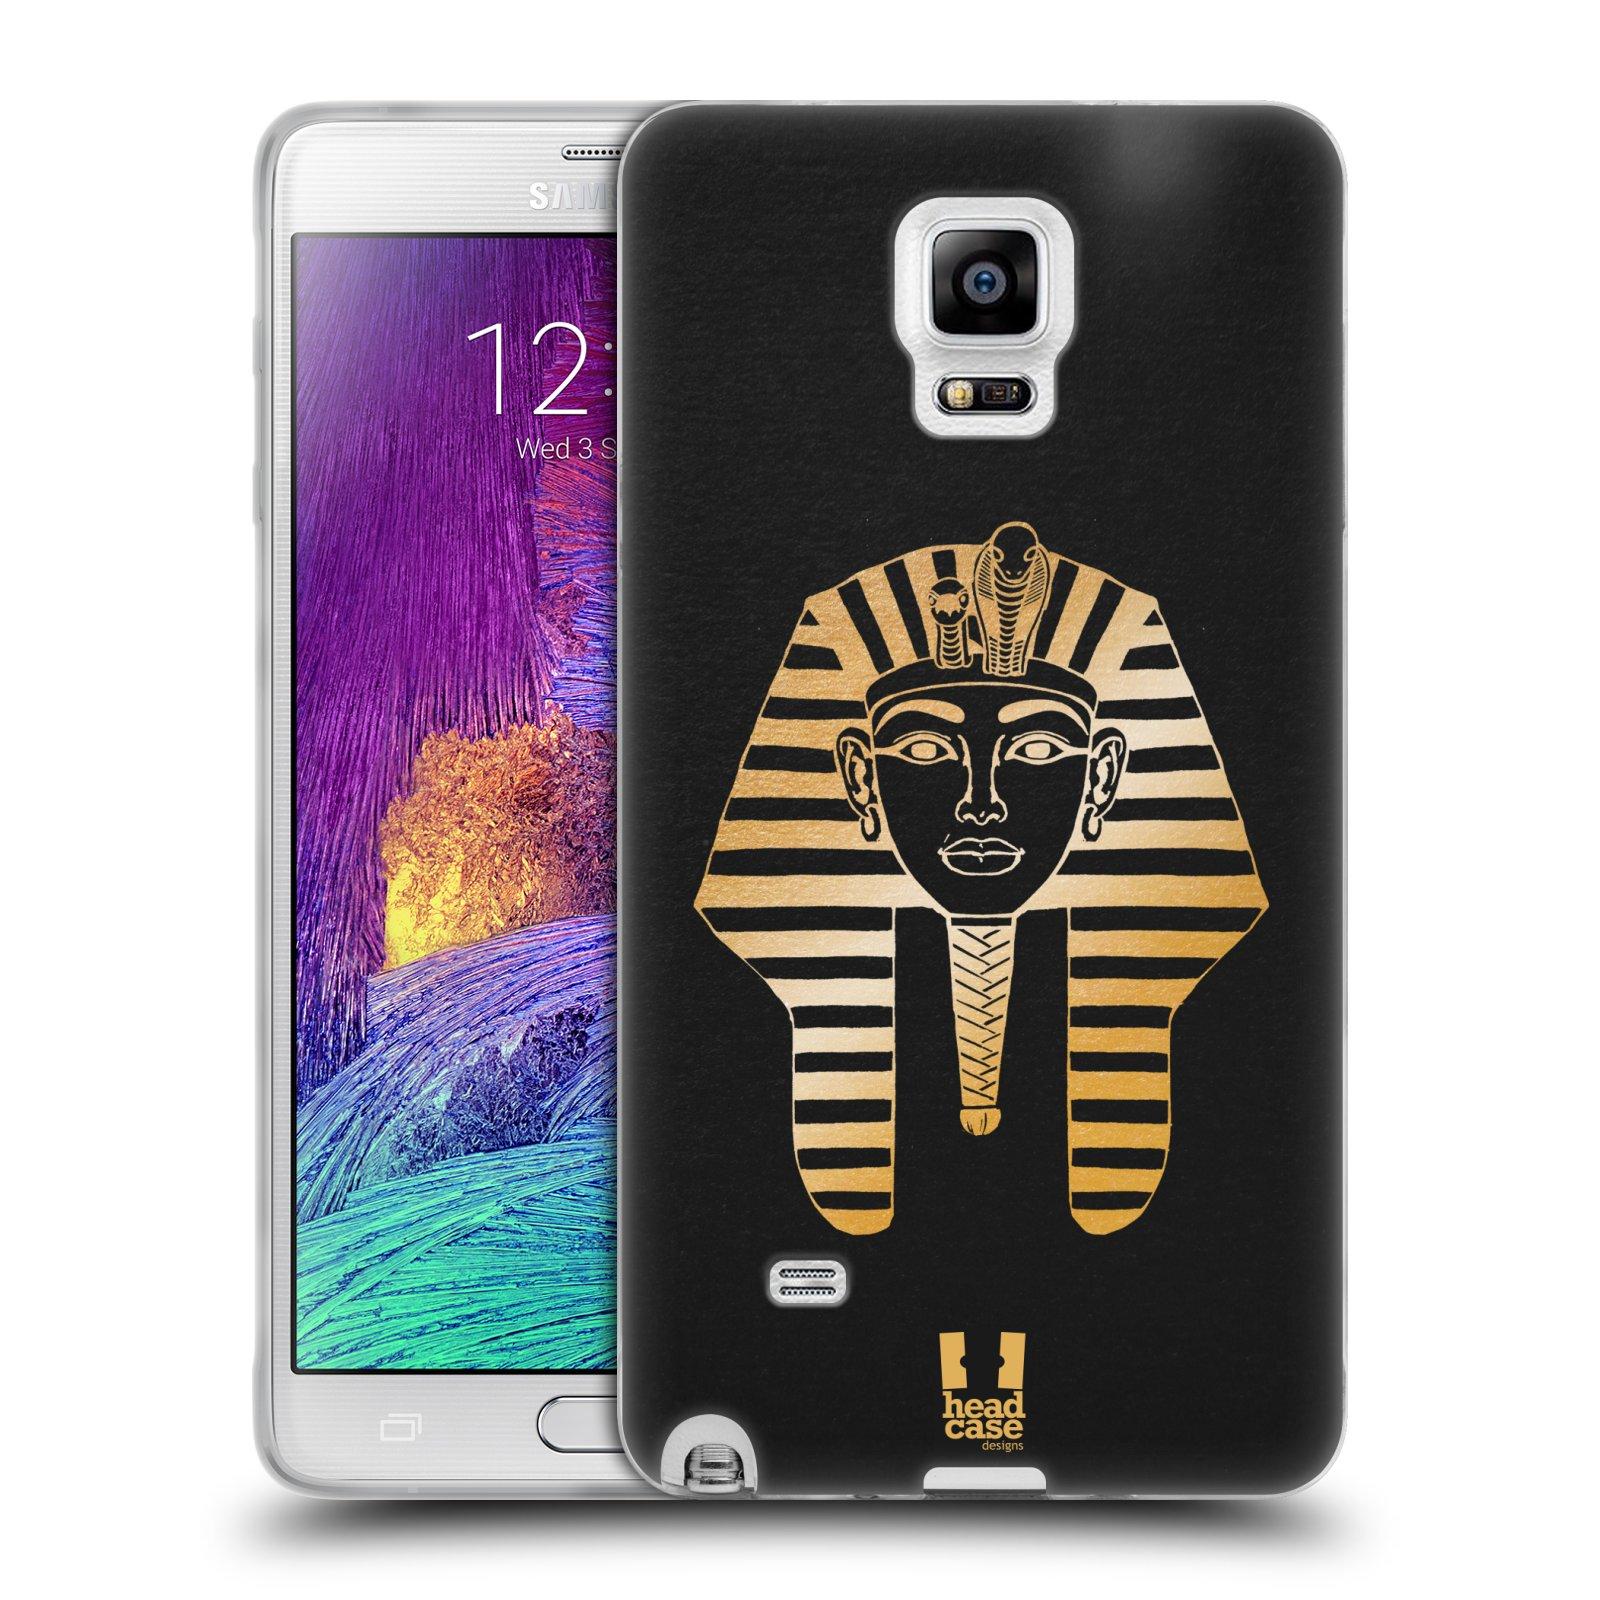 Silikonové pouzdro na mobil Samsung Galaxy Note 4 HEAD CASE EGYPT FARAON (Silikonový kryt či obal na mobilní telefon Samsung Galaxy Note 4 SM-N910F)